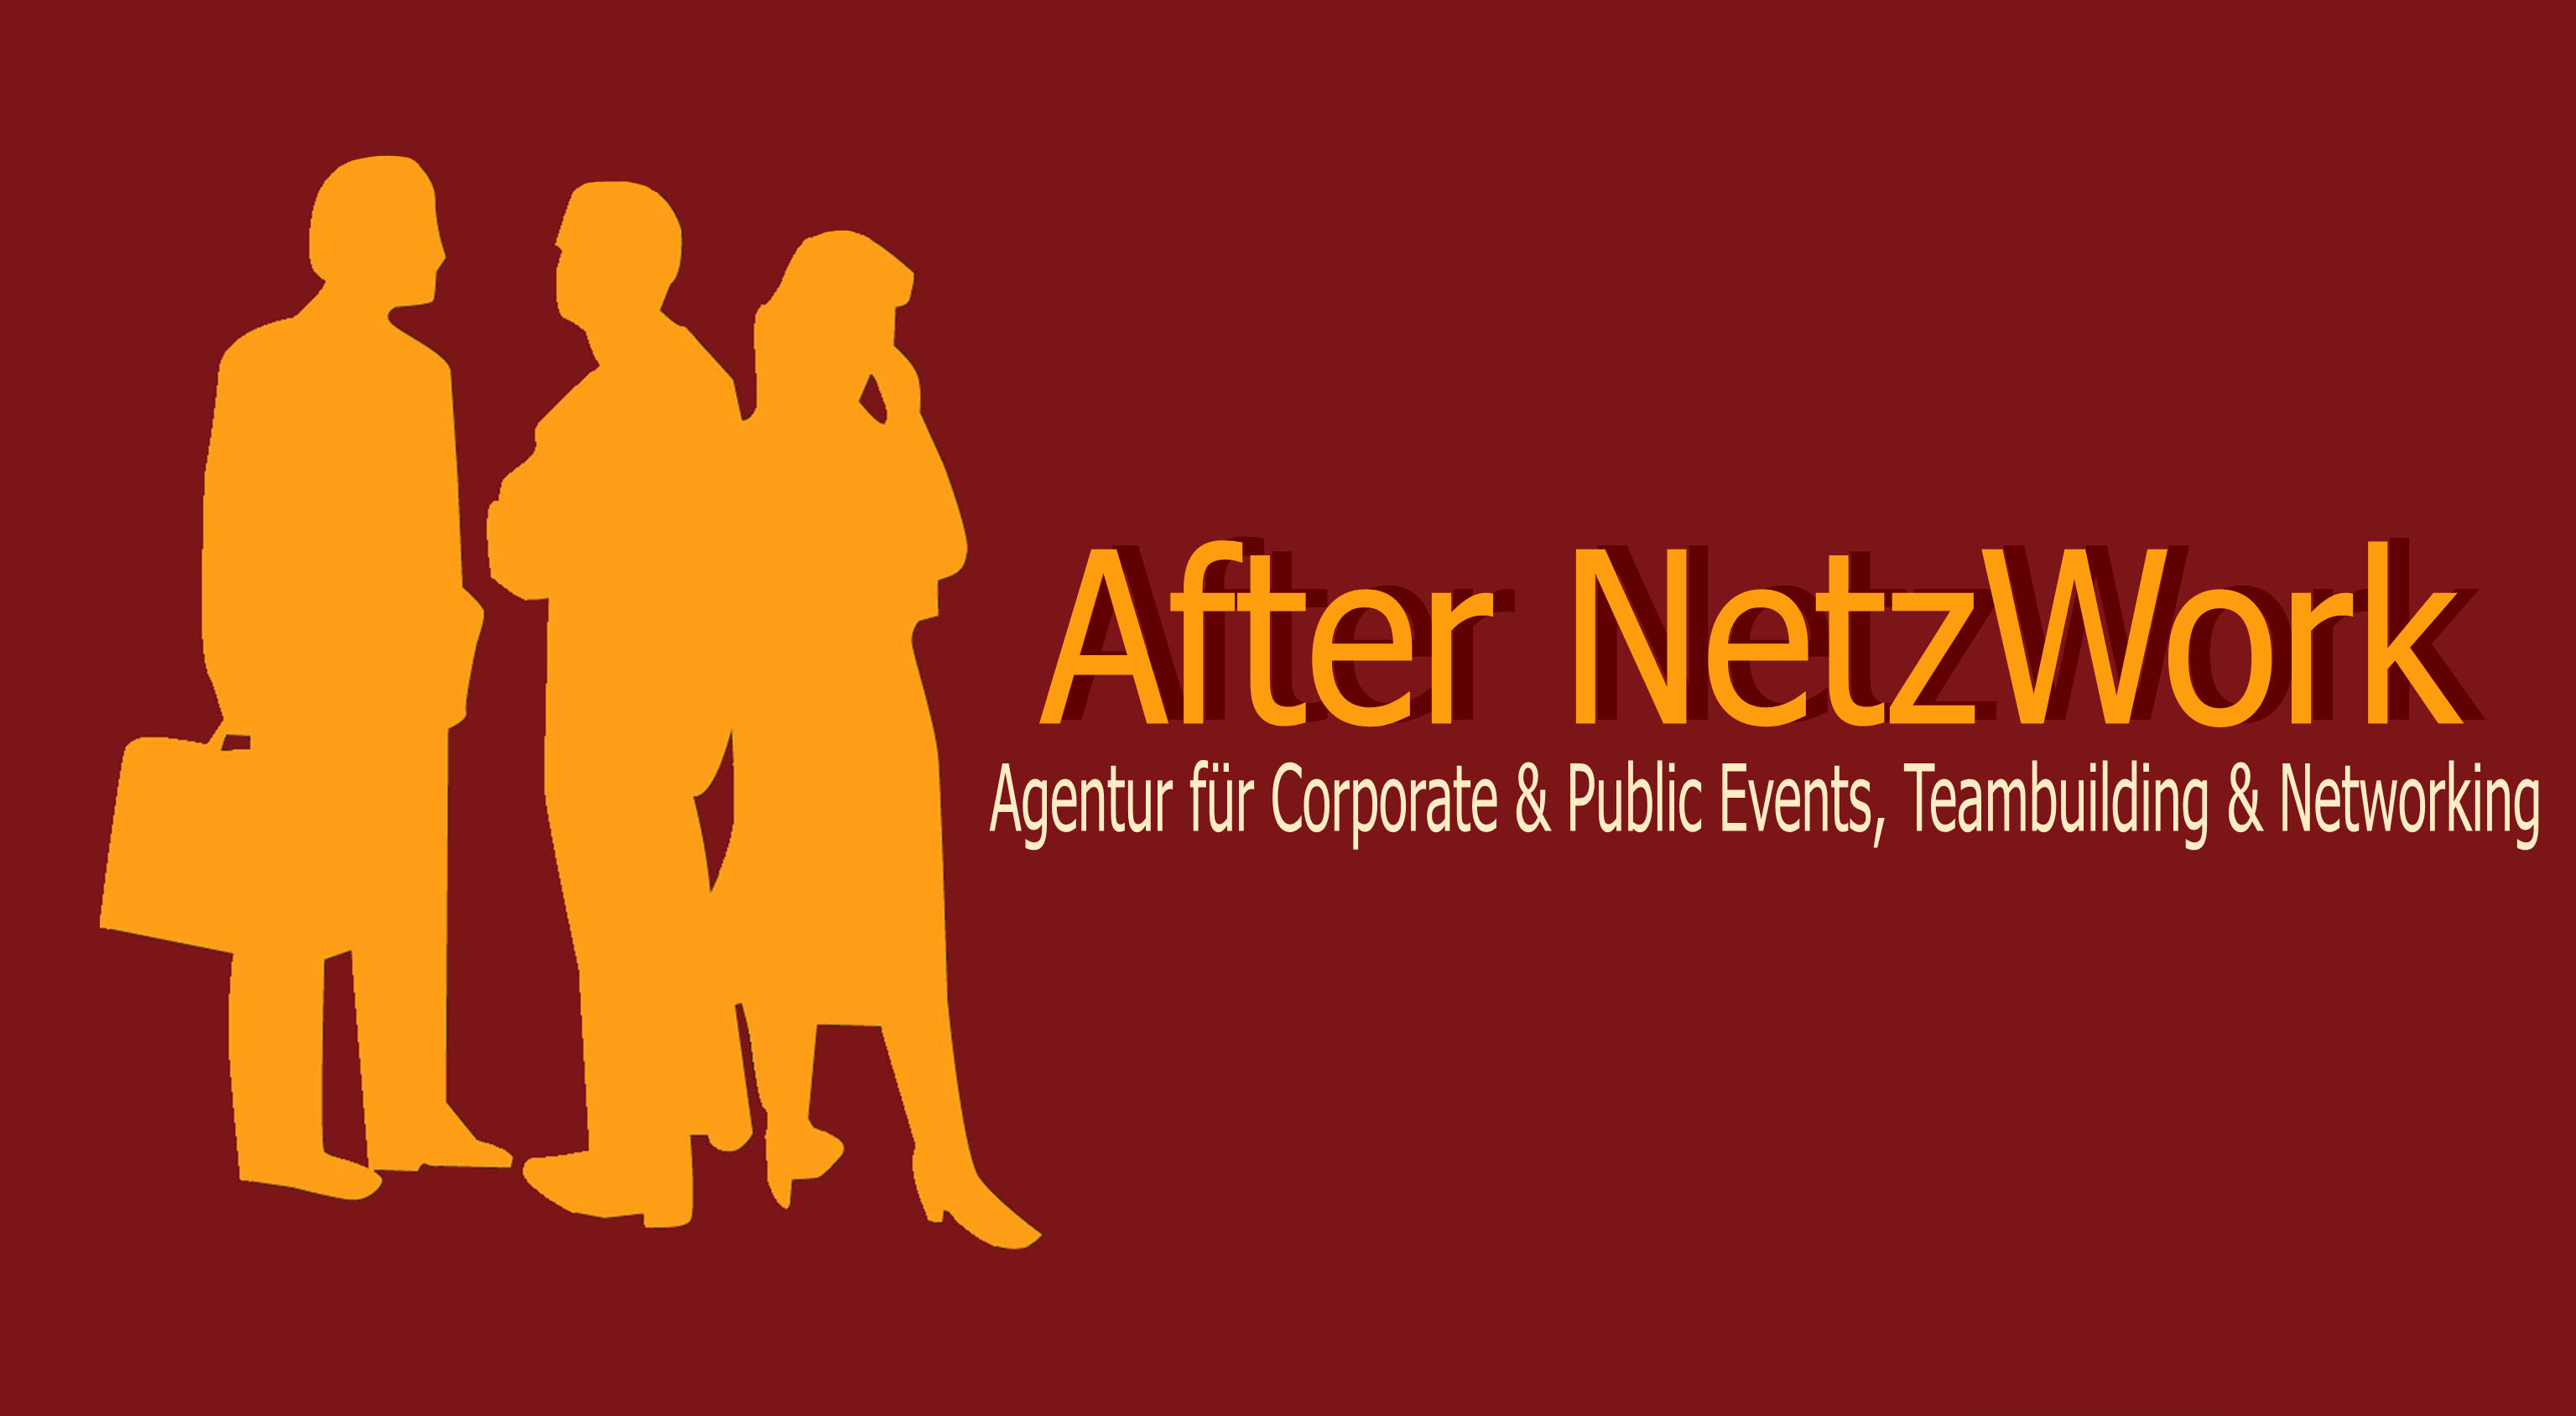 After NetzWork Ltd.